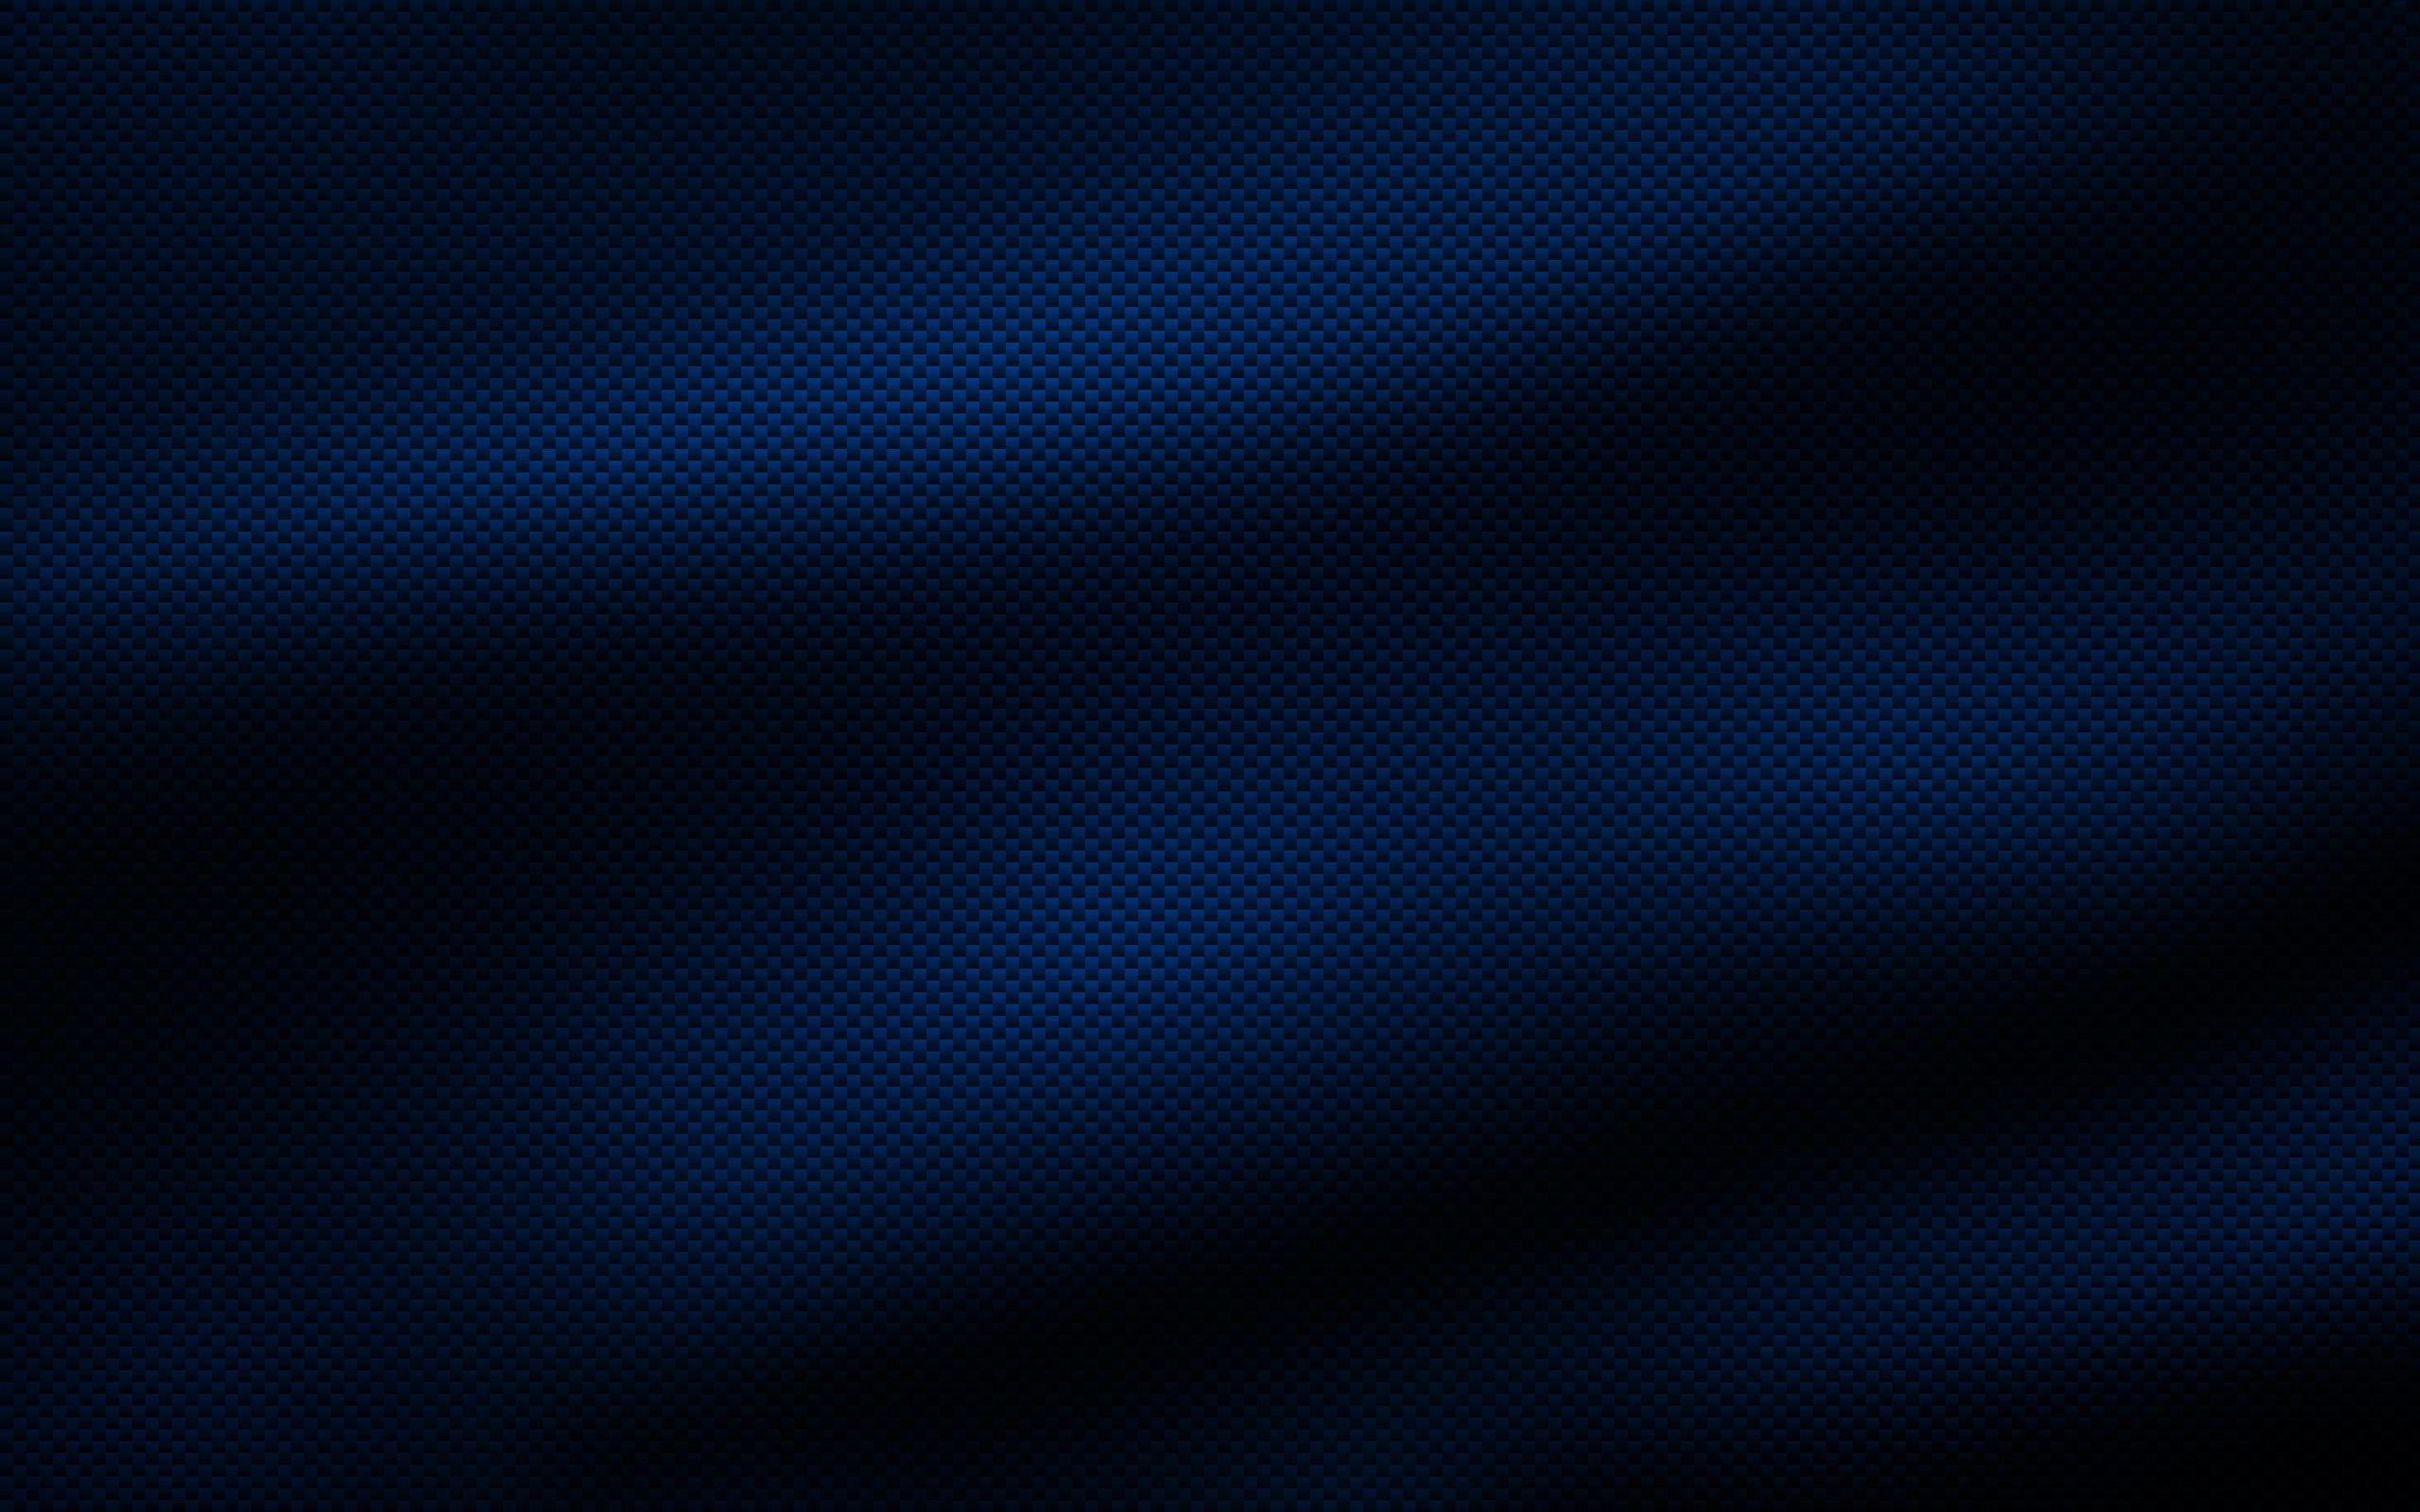 Blue Carbon Fiber Wallpaper